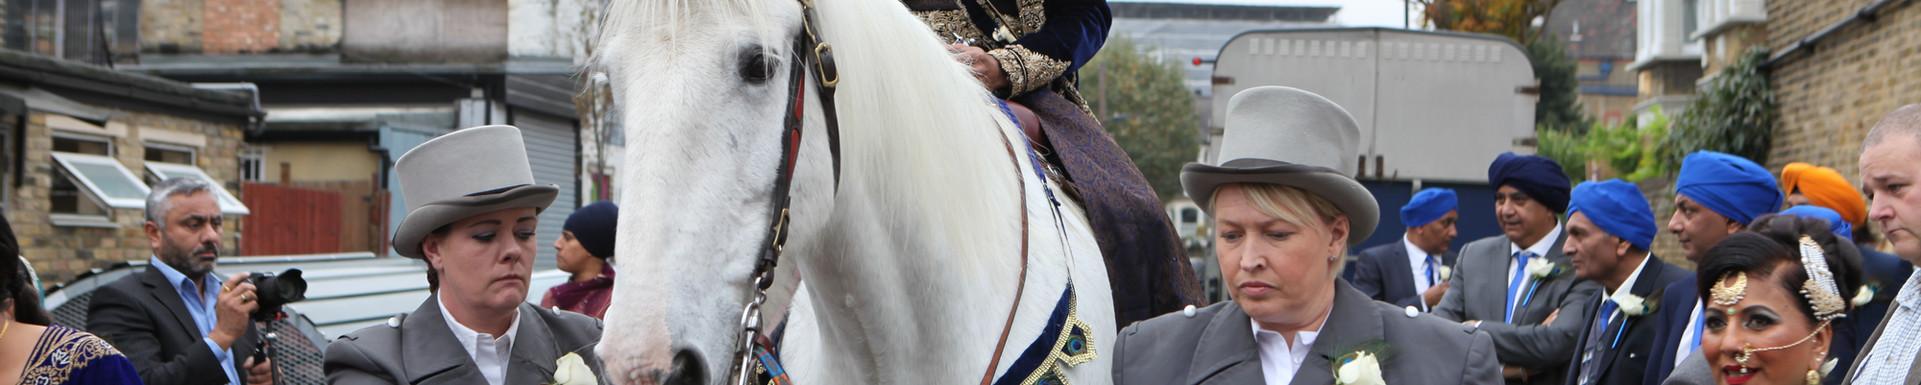 Asain Wedding Horse